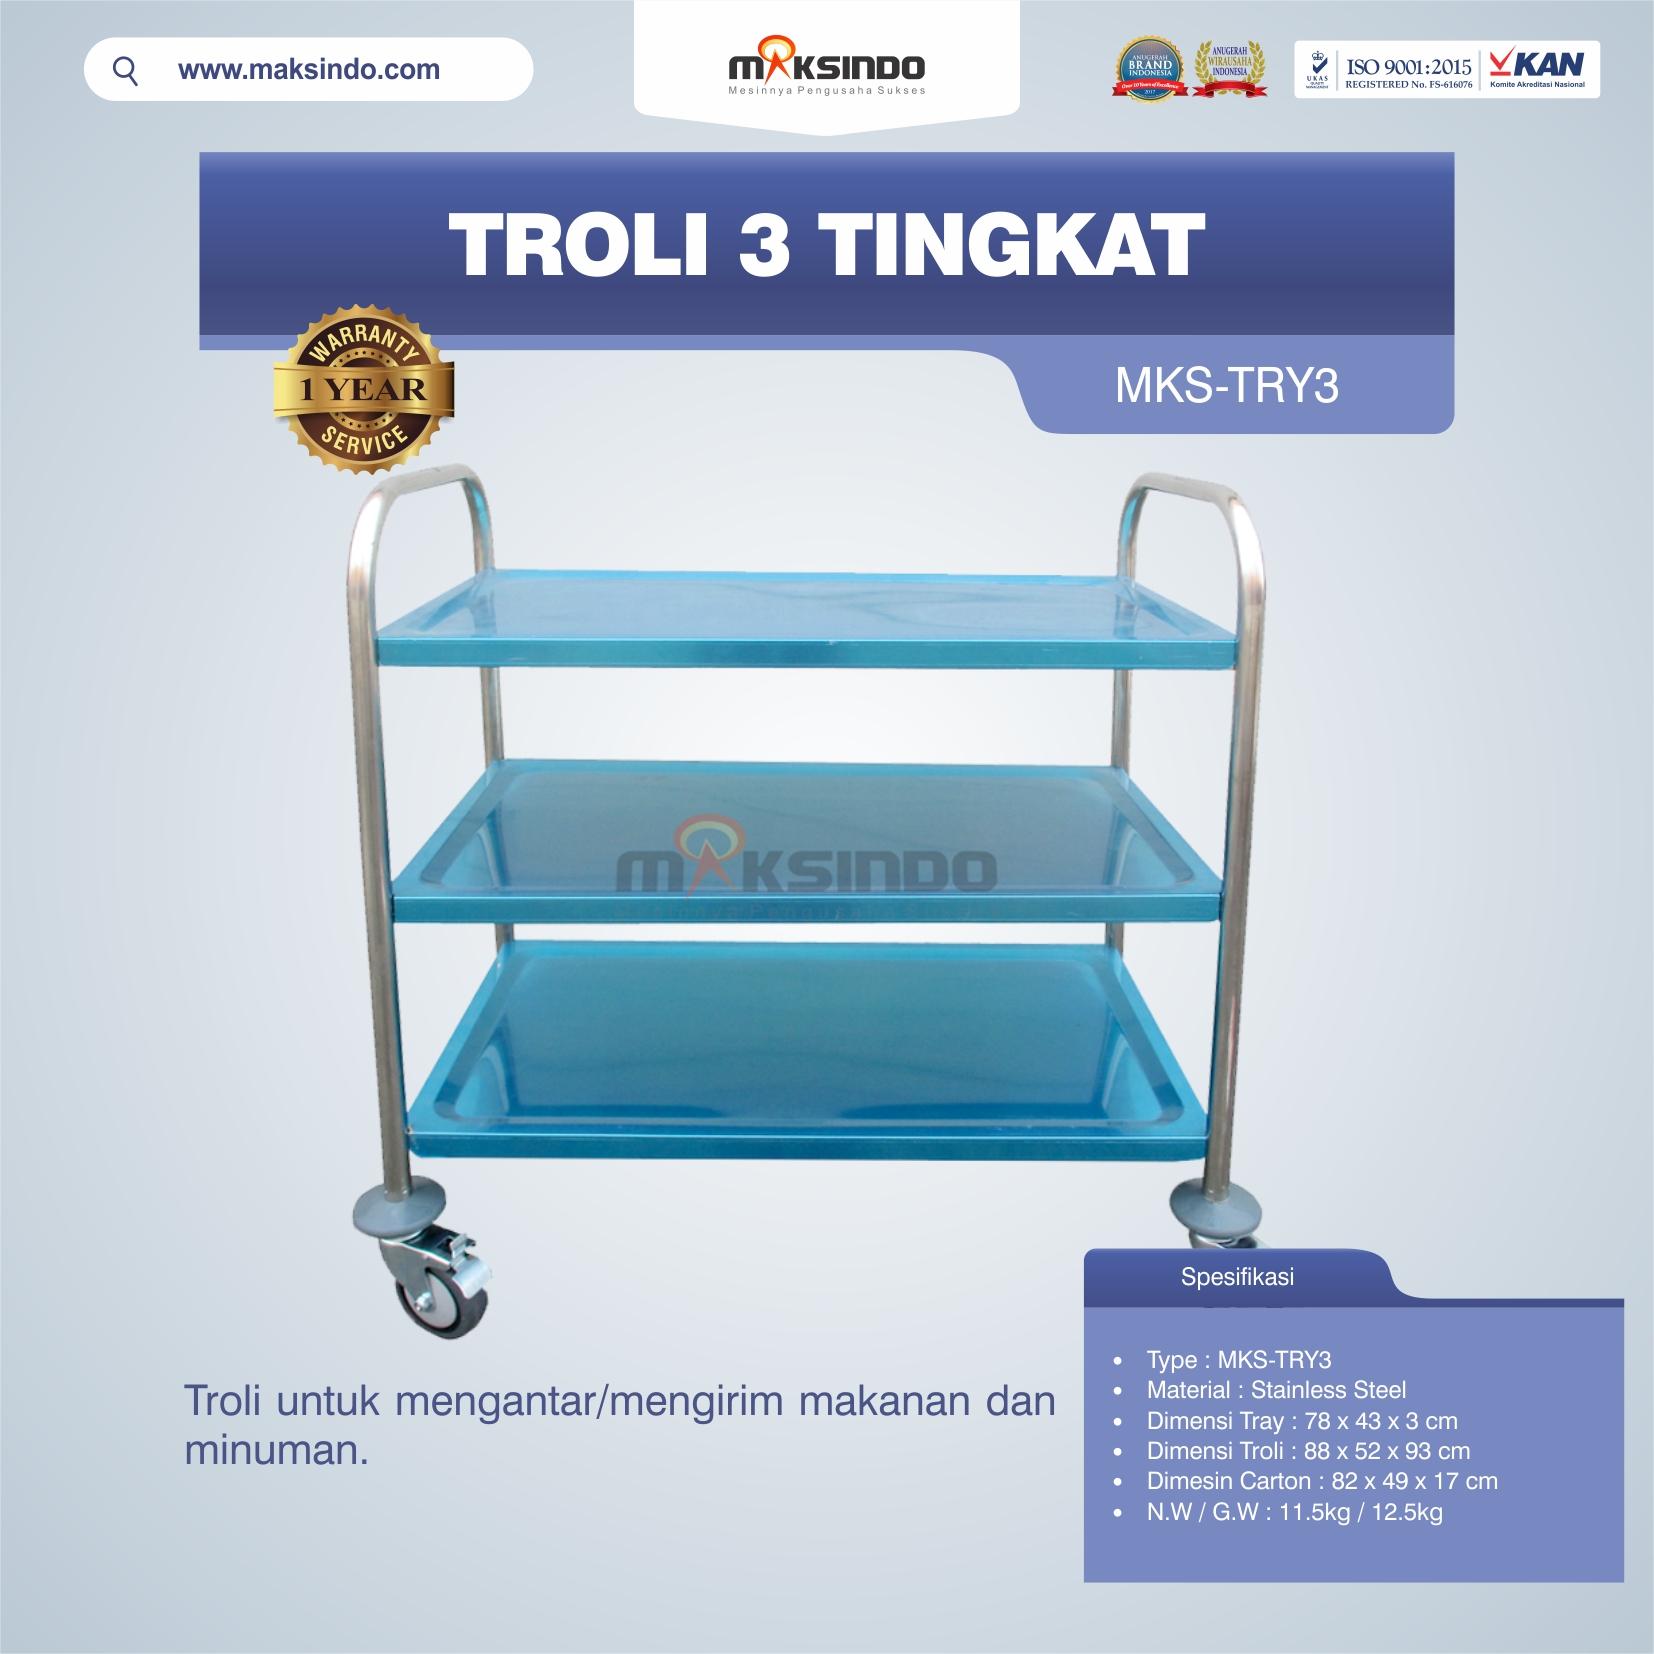 Jual Troli 3 Tingkat MKS-TRY3 di Medan